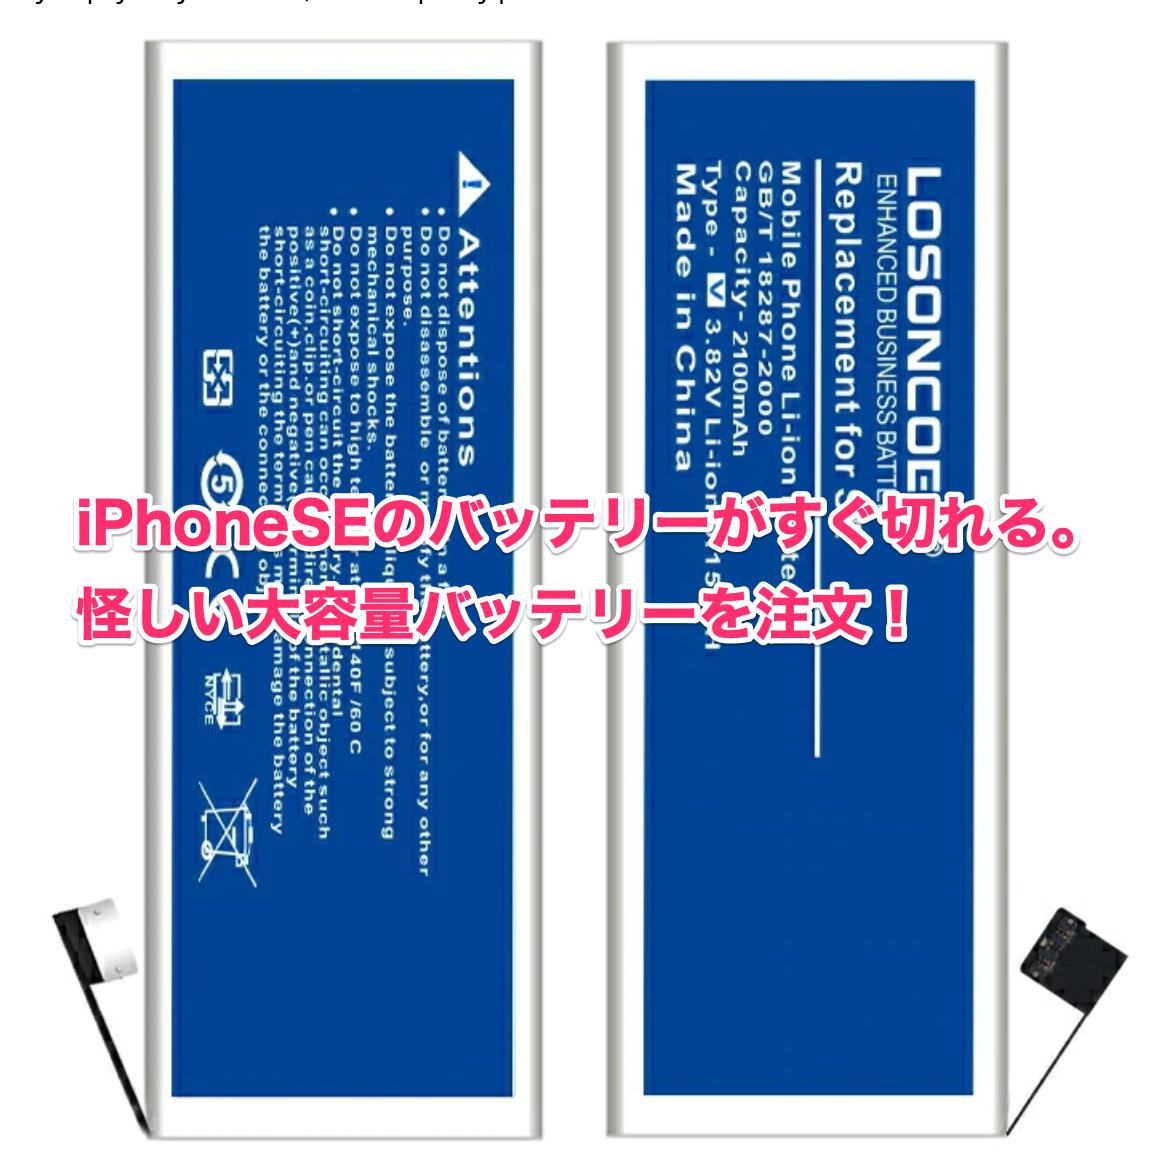 【中華】iPhoneSEバッテリー大容量化計画!